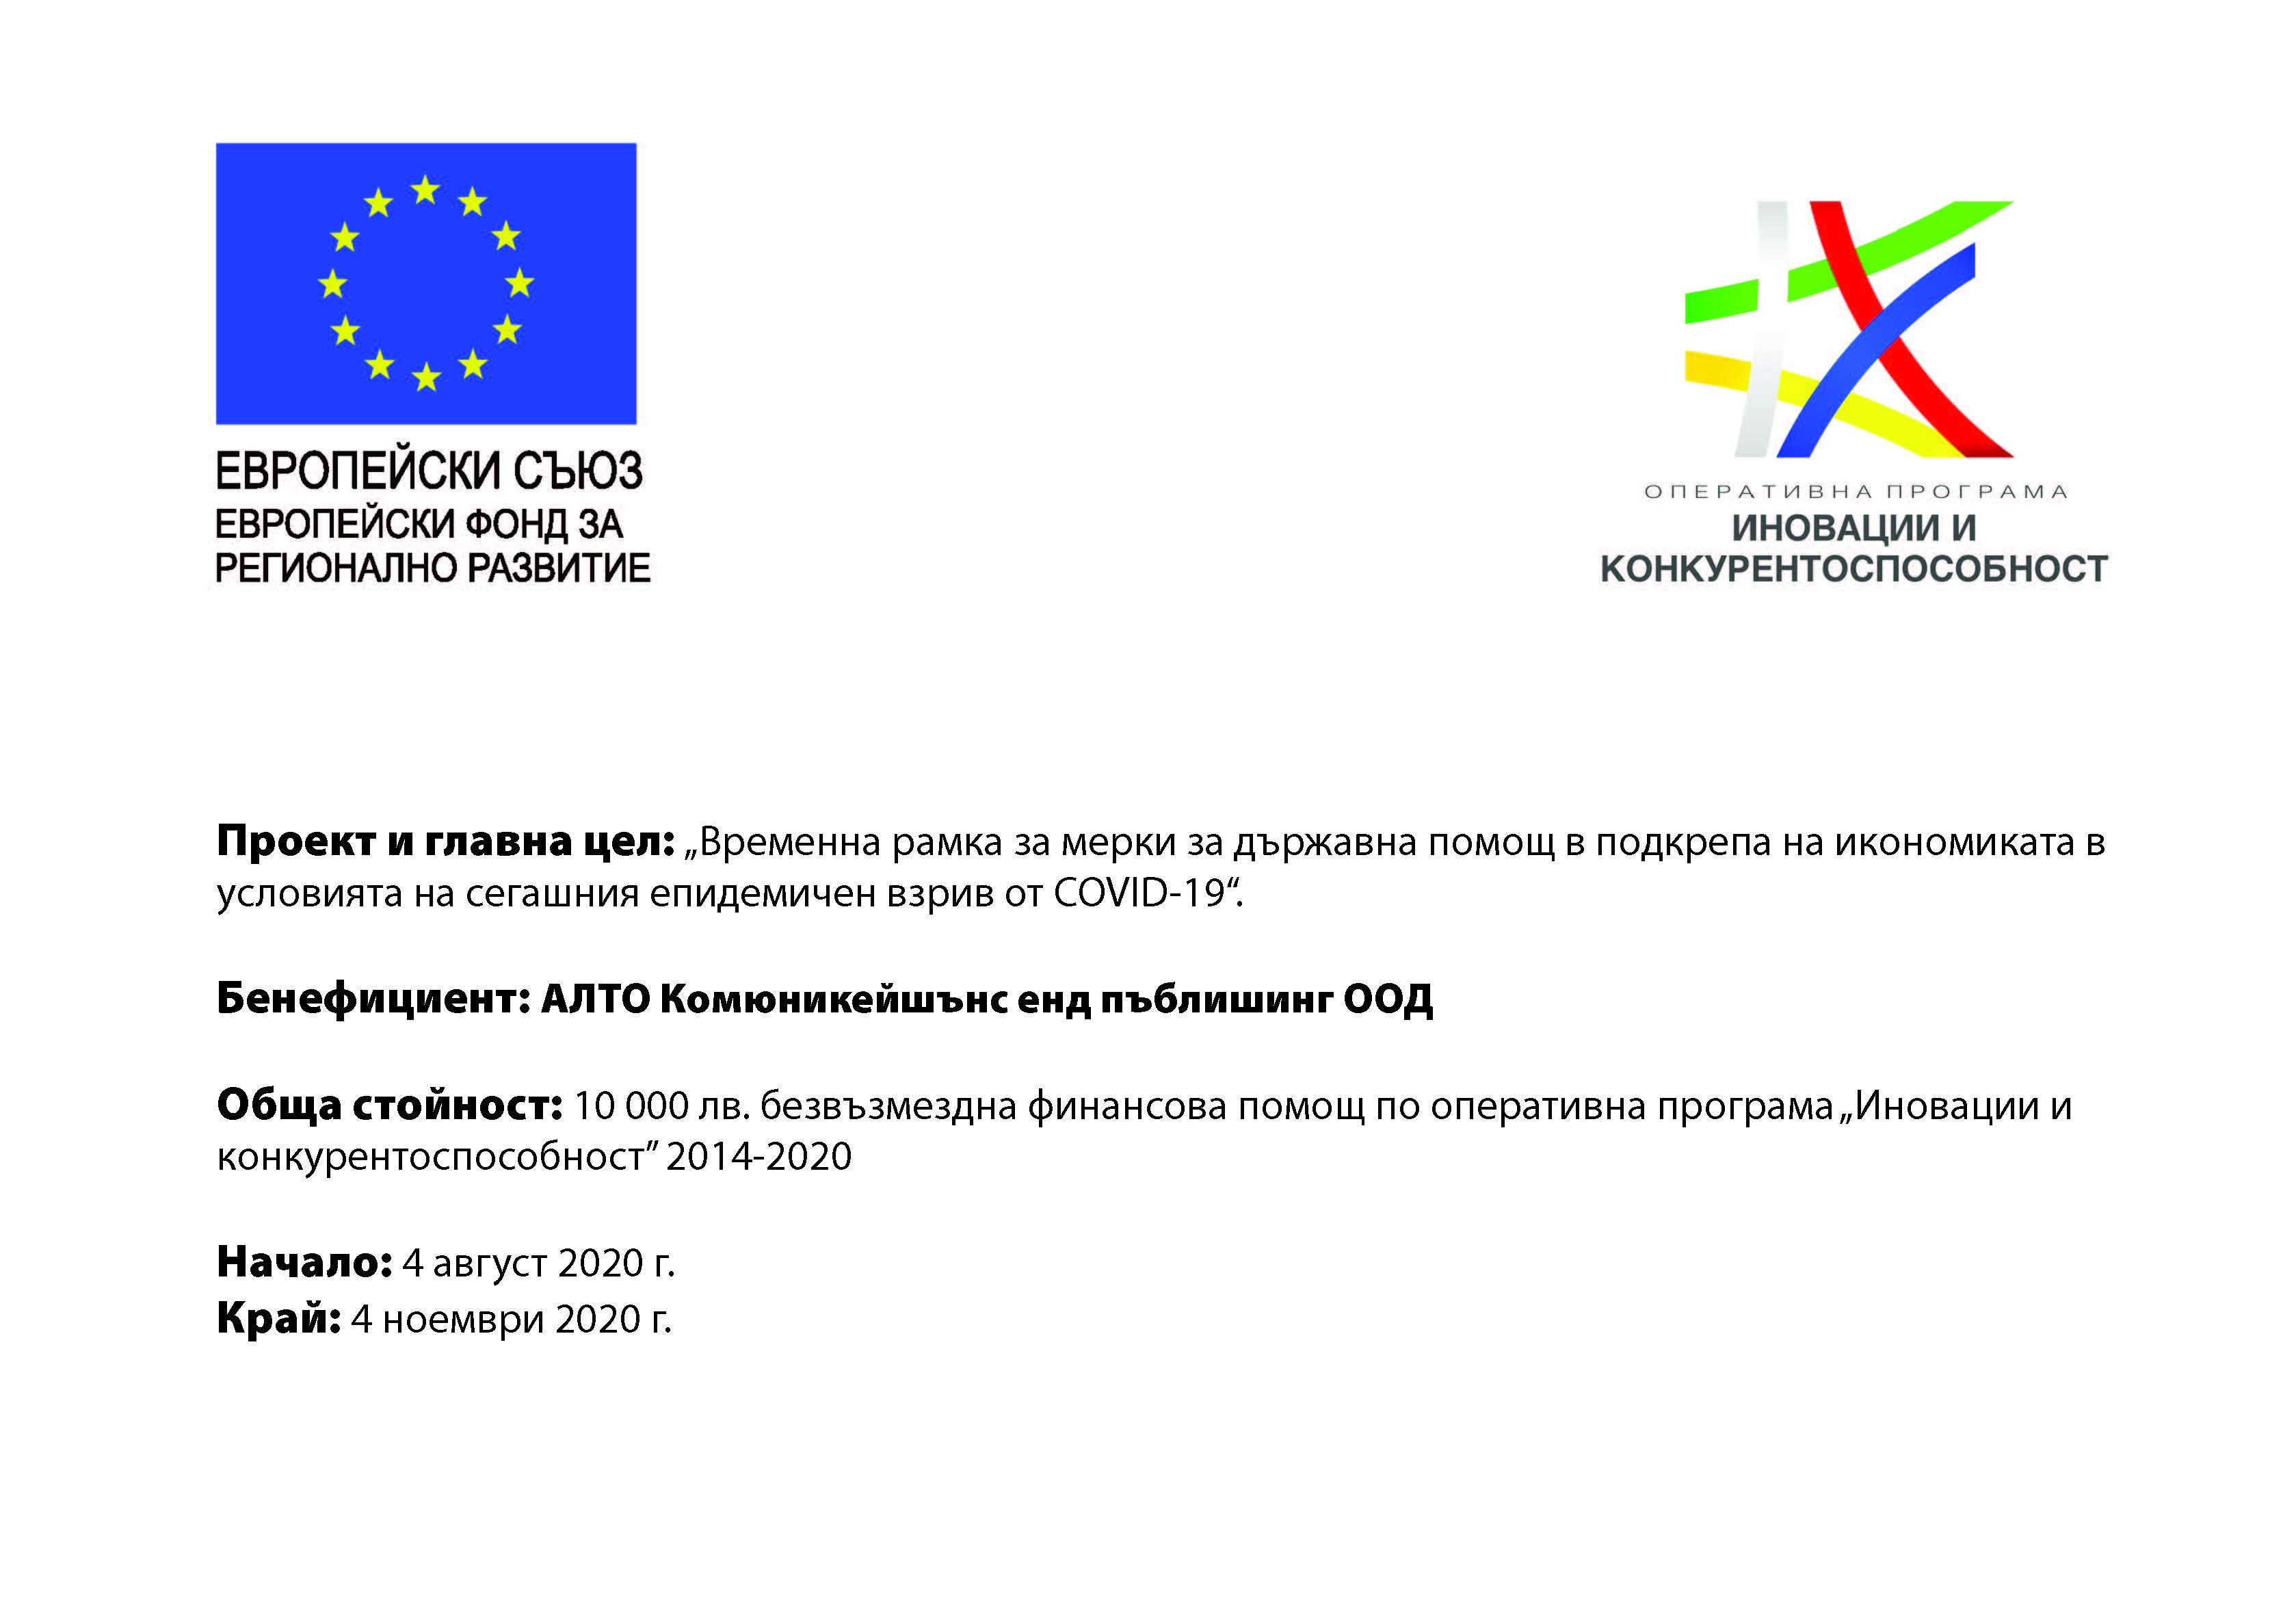 """Оперативна програма """"Иновации и конкурентоспособност"""" 2014-2020"""